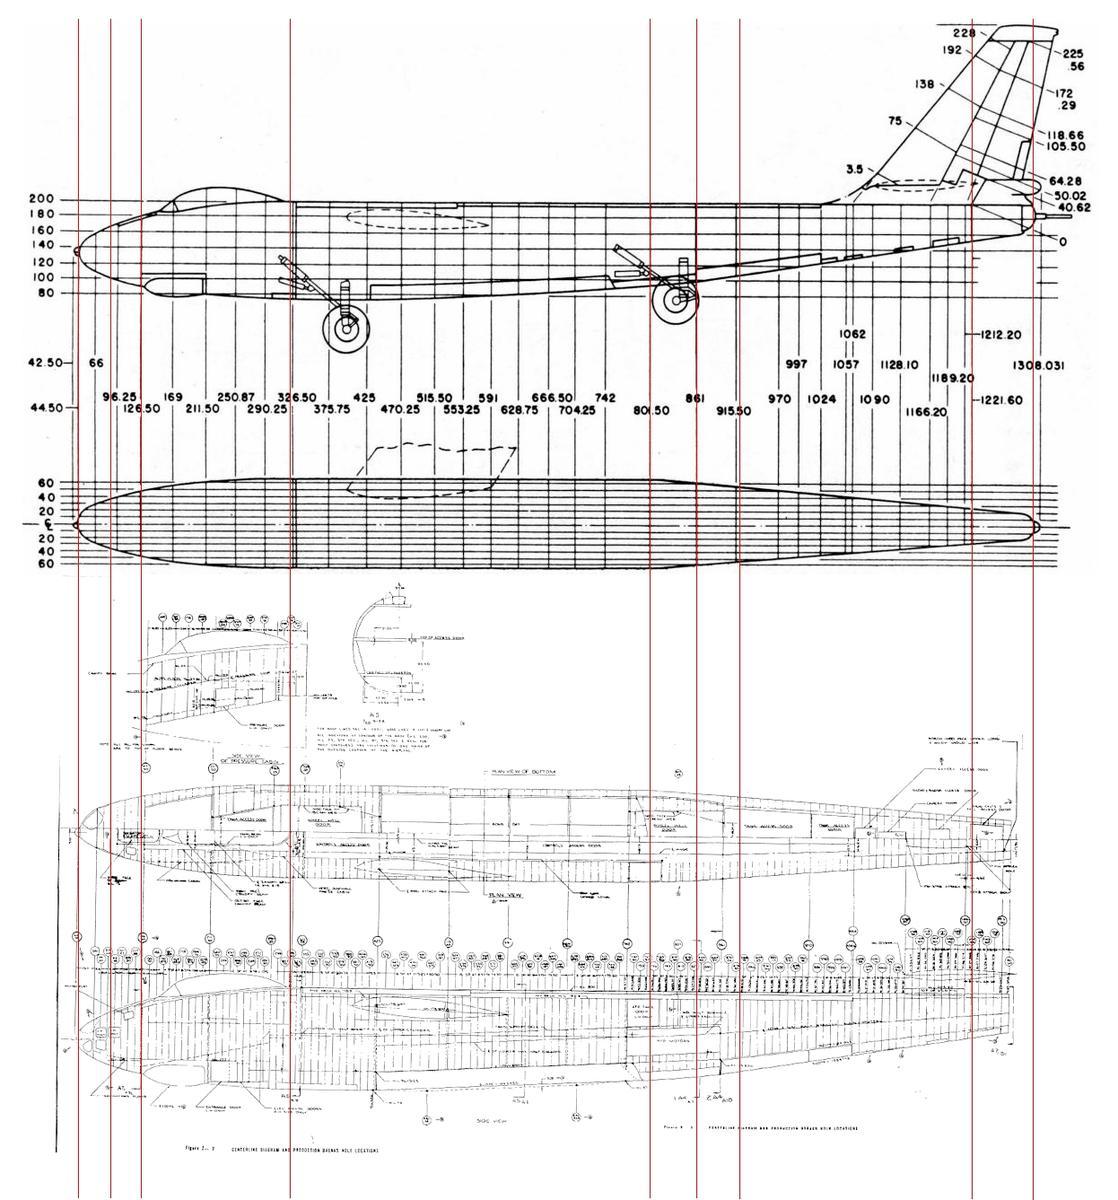 2004 cbr 1000 wiring diagram